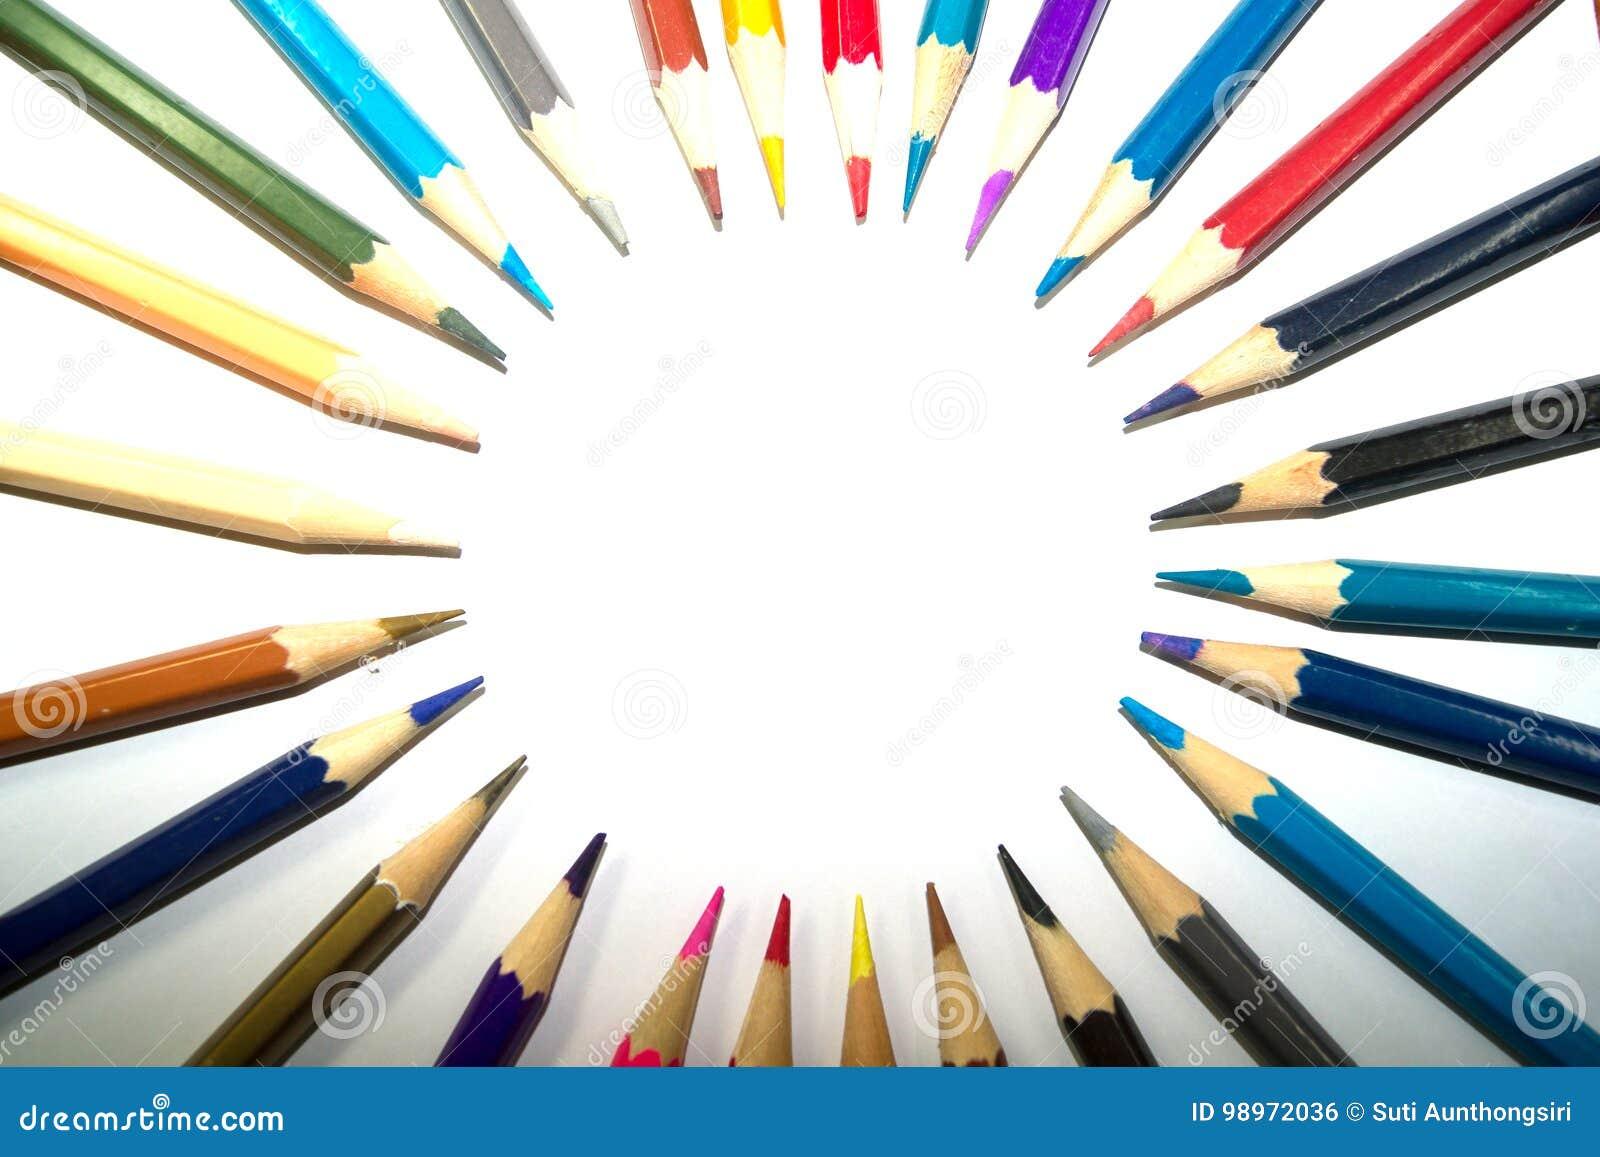 文具用于绘艺术